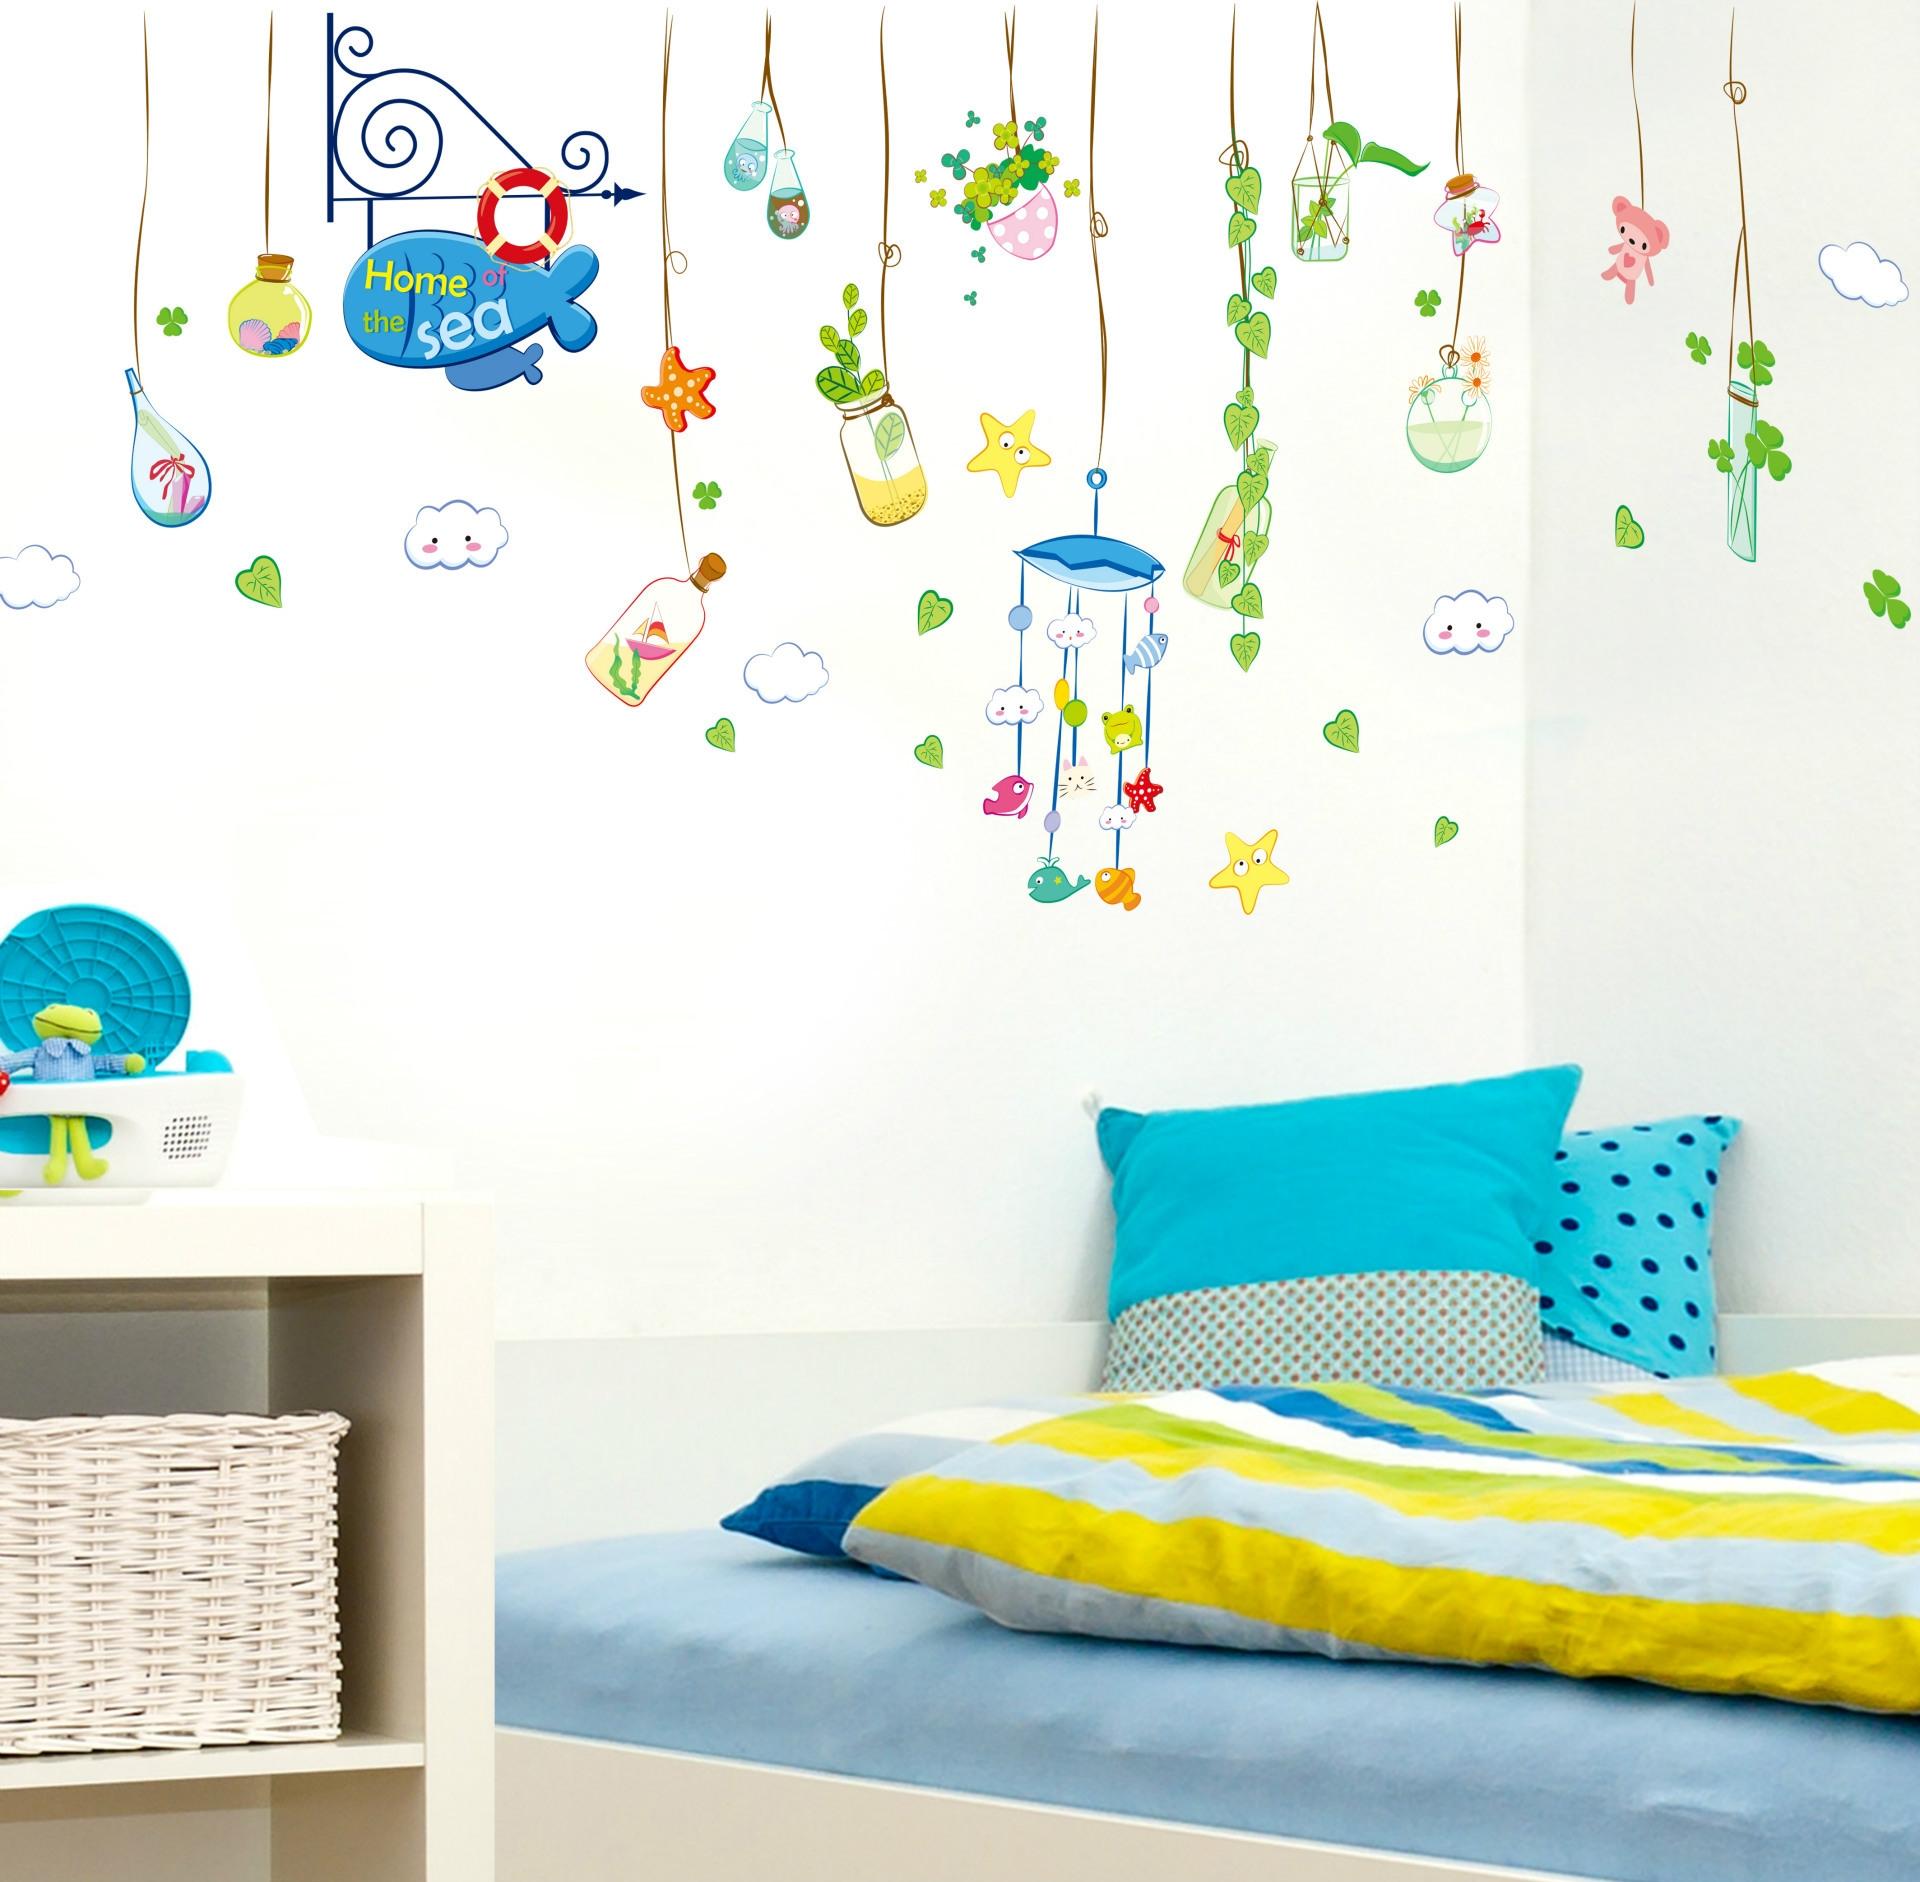 墙纸墙贴批发海洋之家卡通儿童房卧室教室可